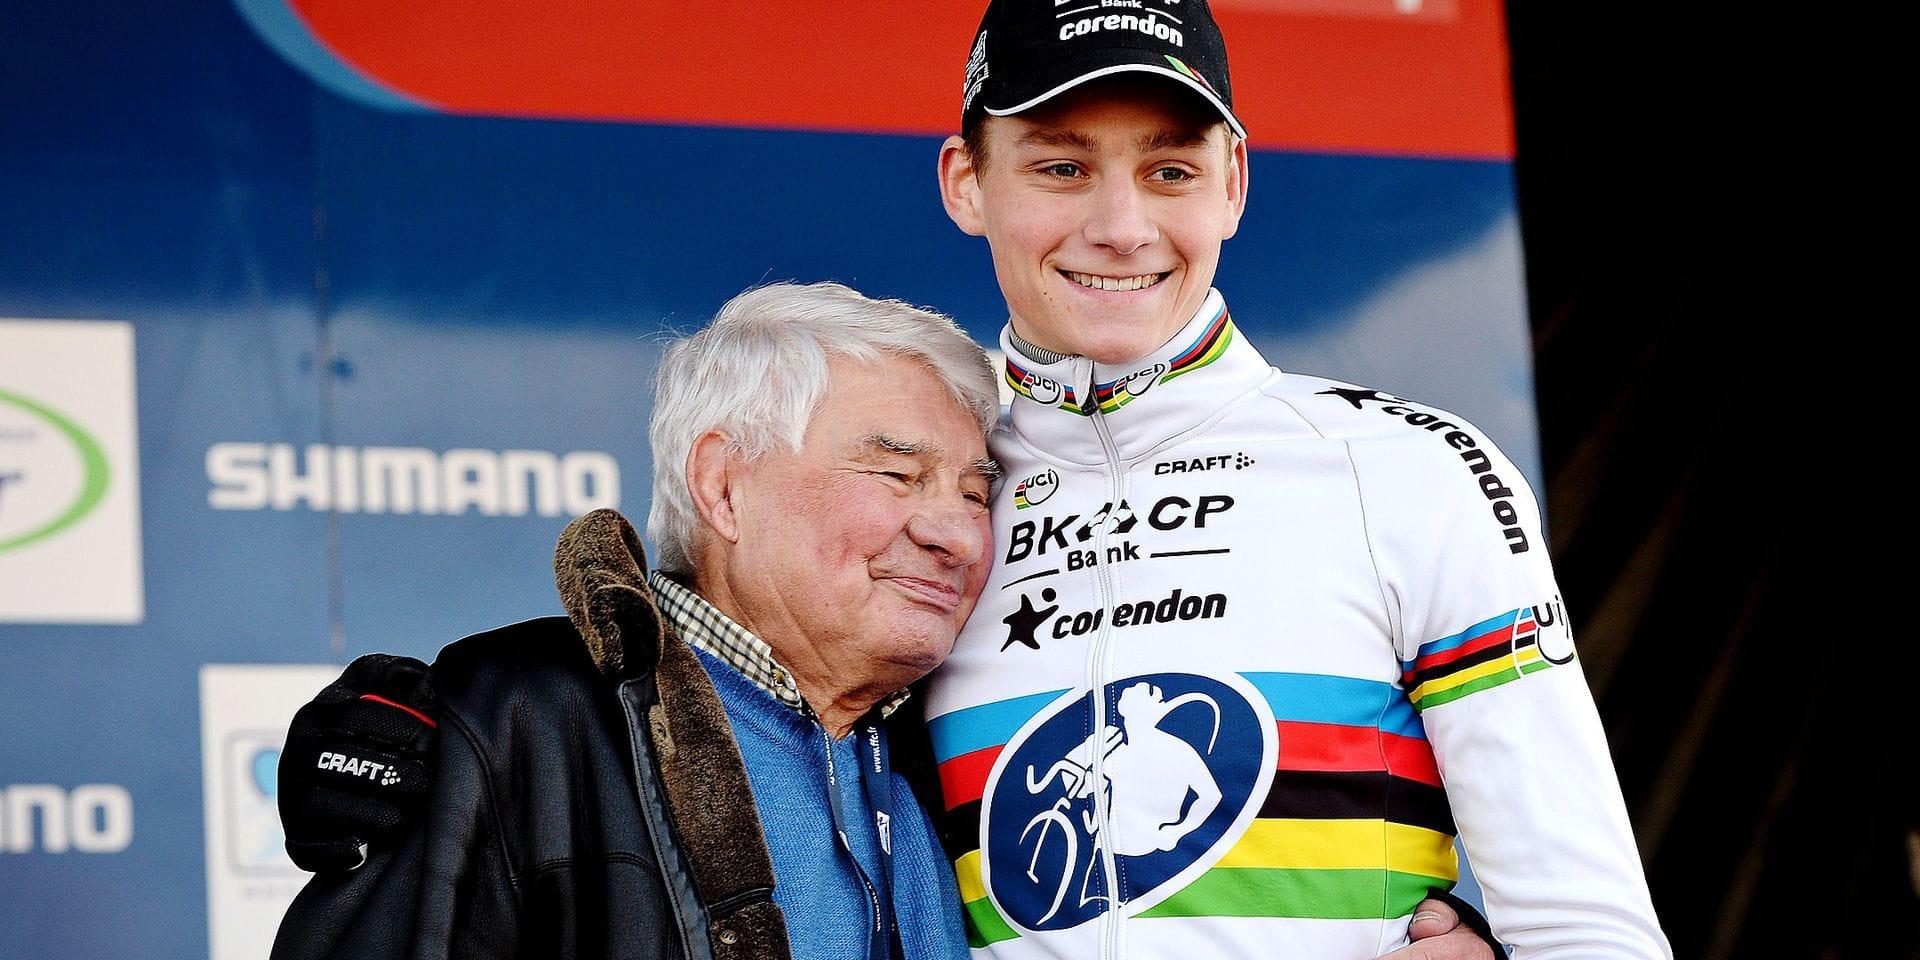 """Le monde du cyclisme rend hommage à Raymond Poulidor: """"c'était le courage, l'abnégation et la gentillesse"""""""